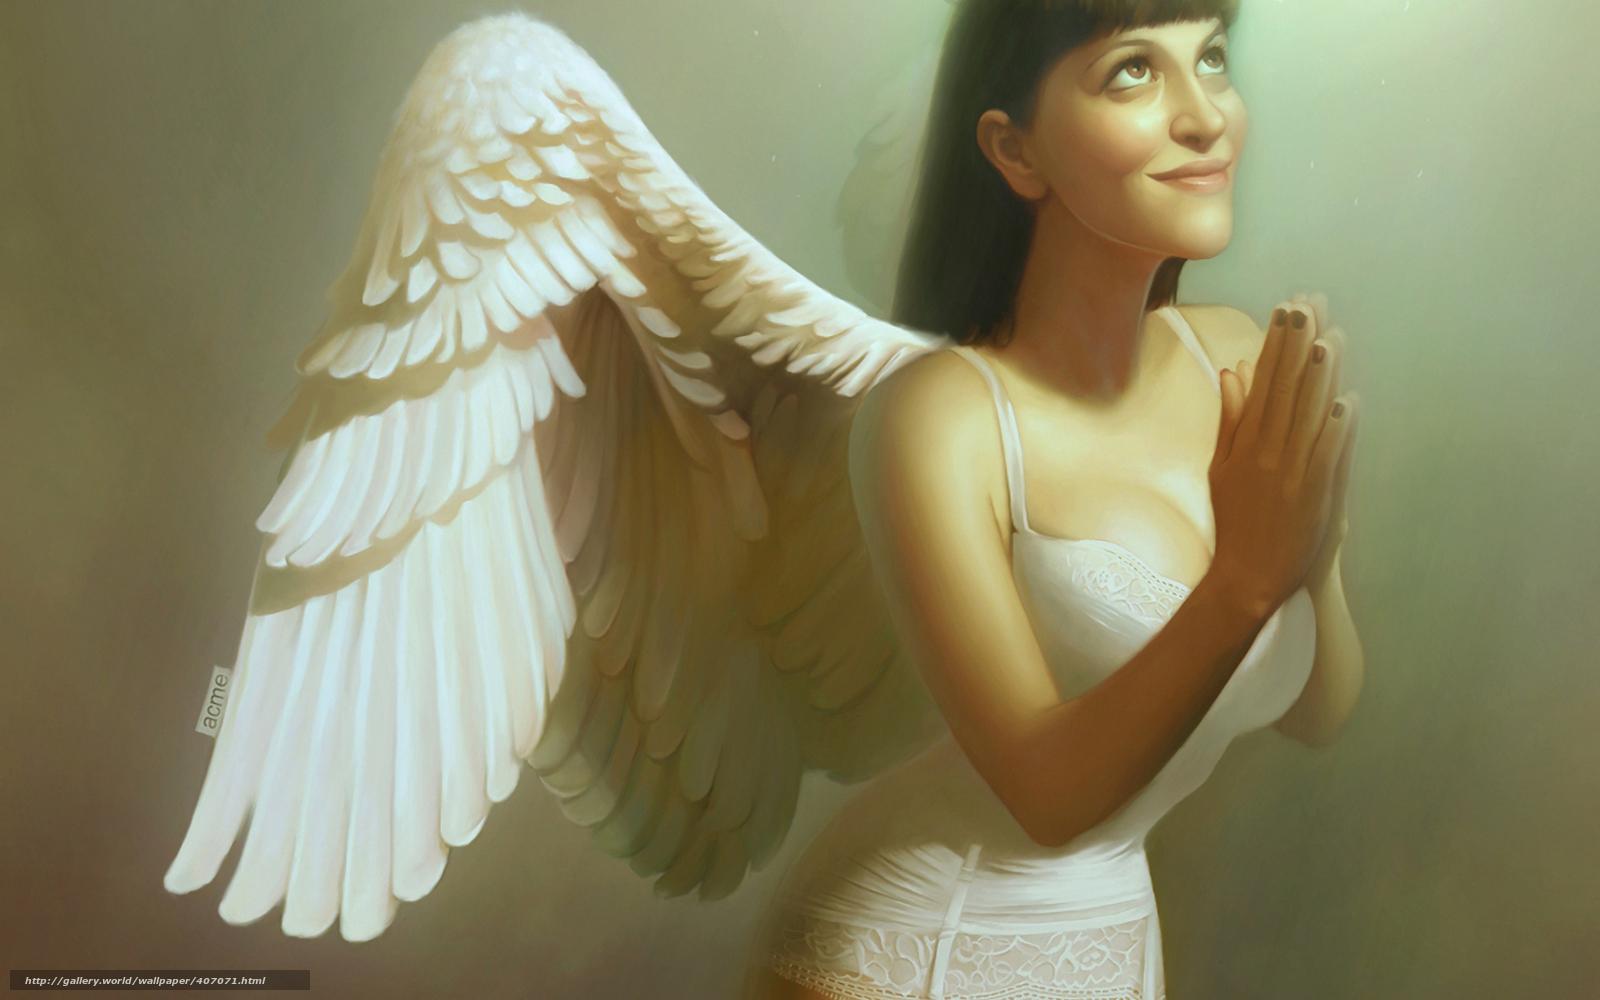 образом, фото с девушками ангелами функции термобелья следующие: